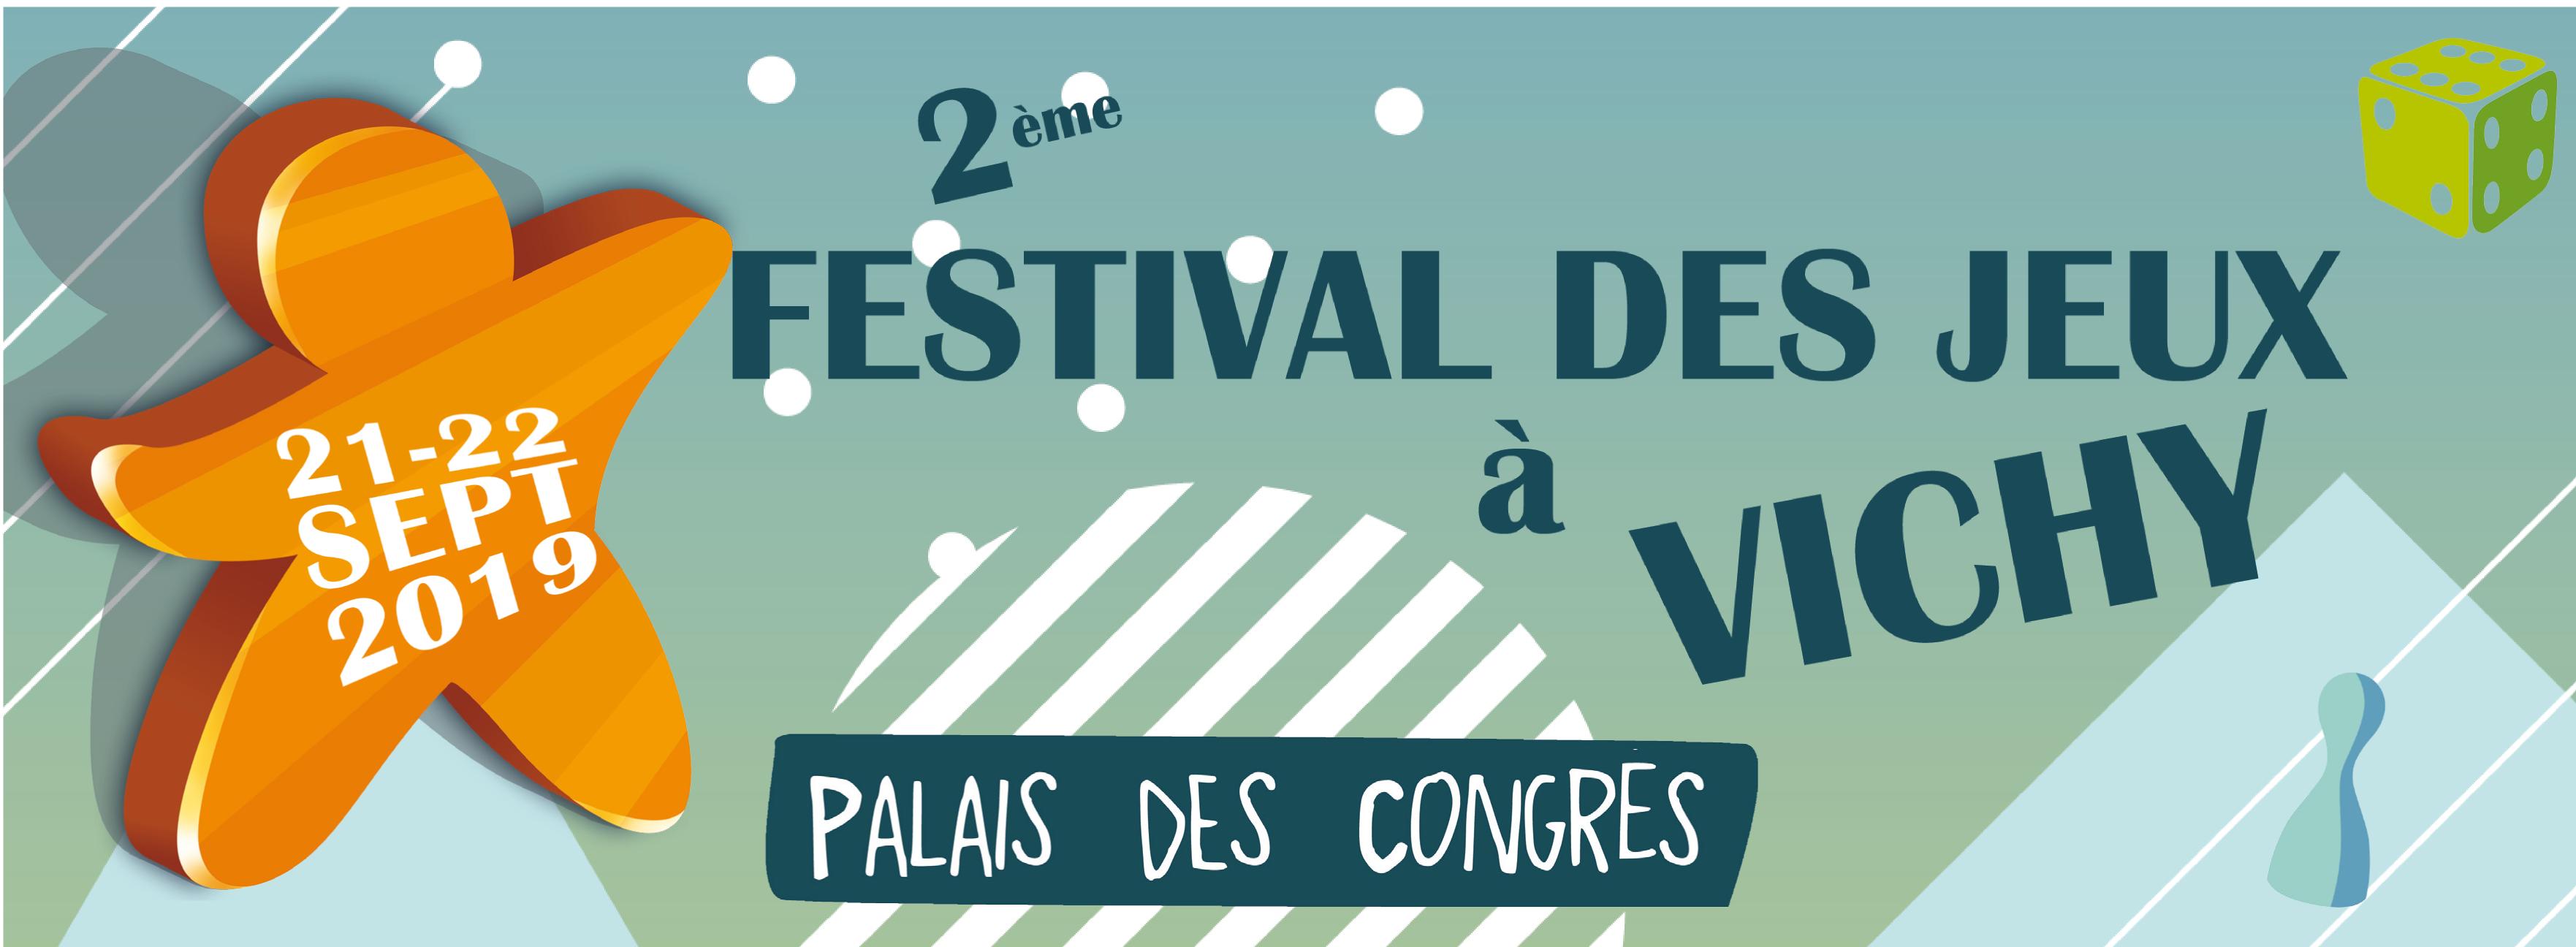 Bandeau-festival-des-jeux